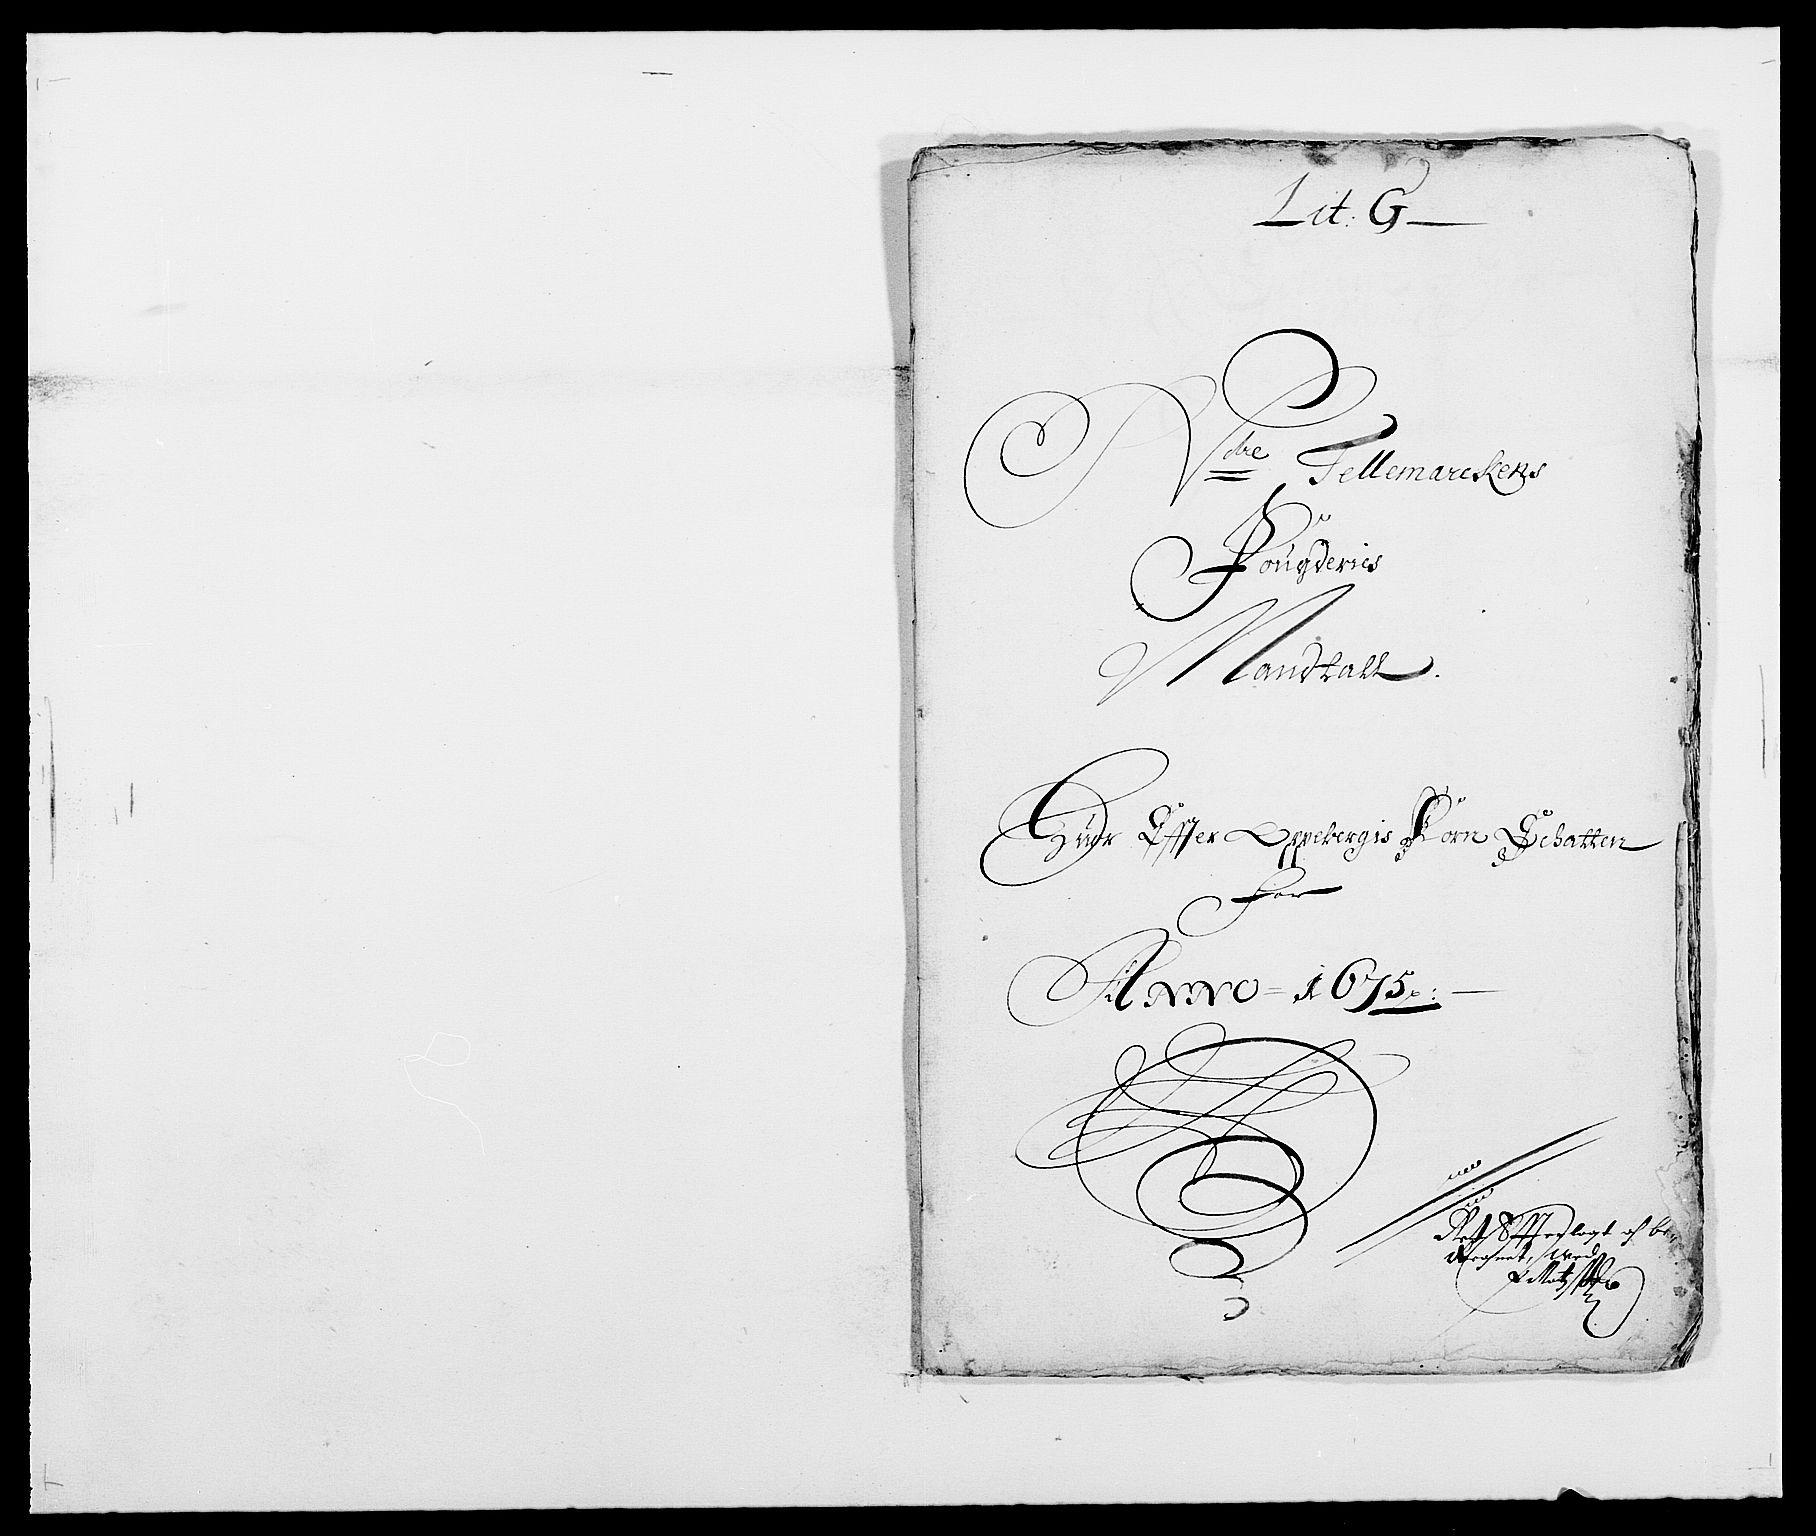 RA, Rentekammeret inntil 1814, Reviderte regnskaper, Fogderegnskap, R35/L2063: Fogderegnskap Øvre og Nedre Telemark, 1675, s. 152